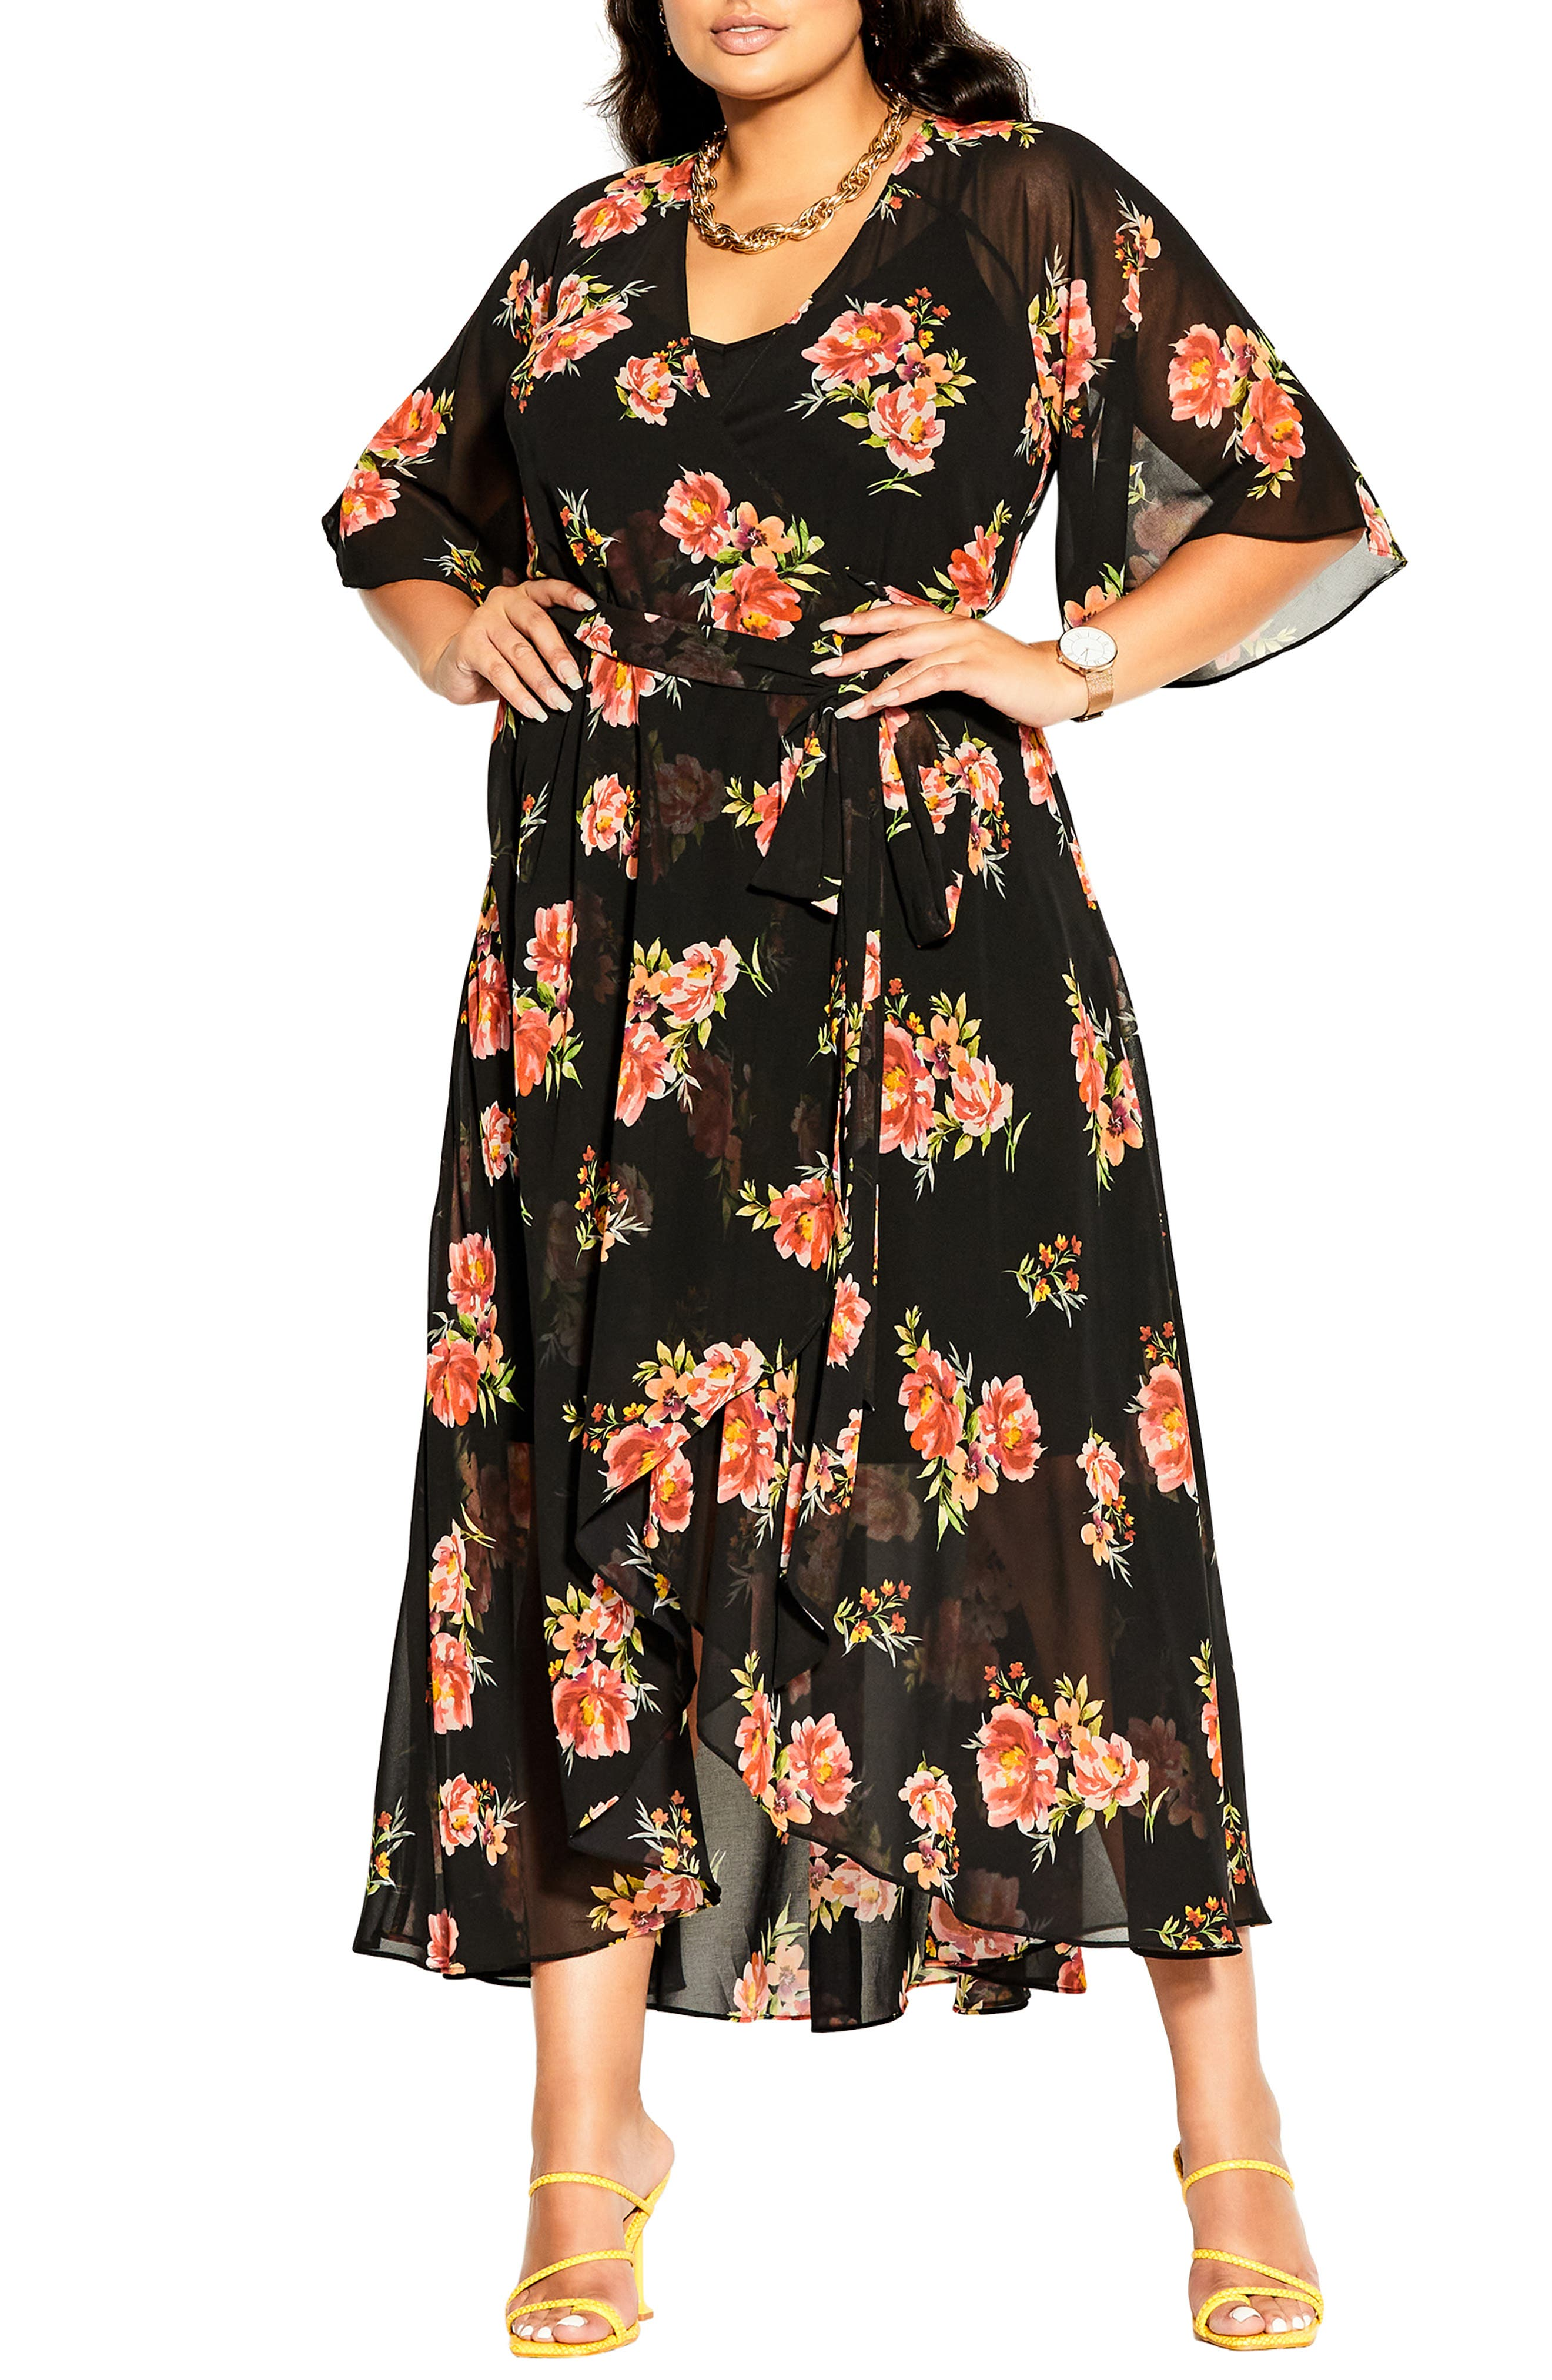 Petal Power Floral Wrap Dress